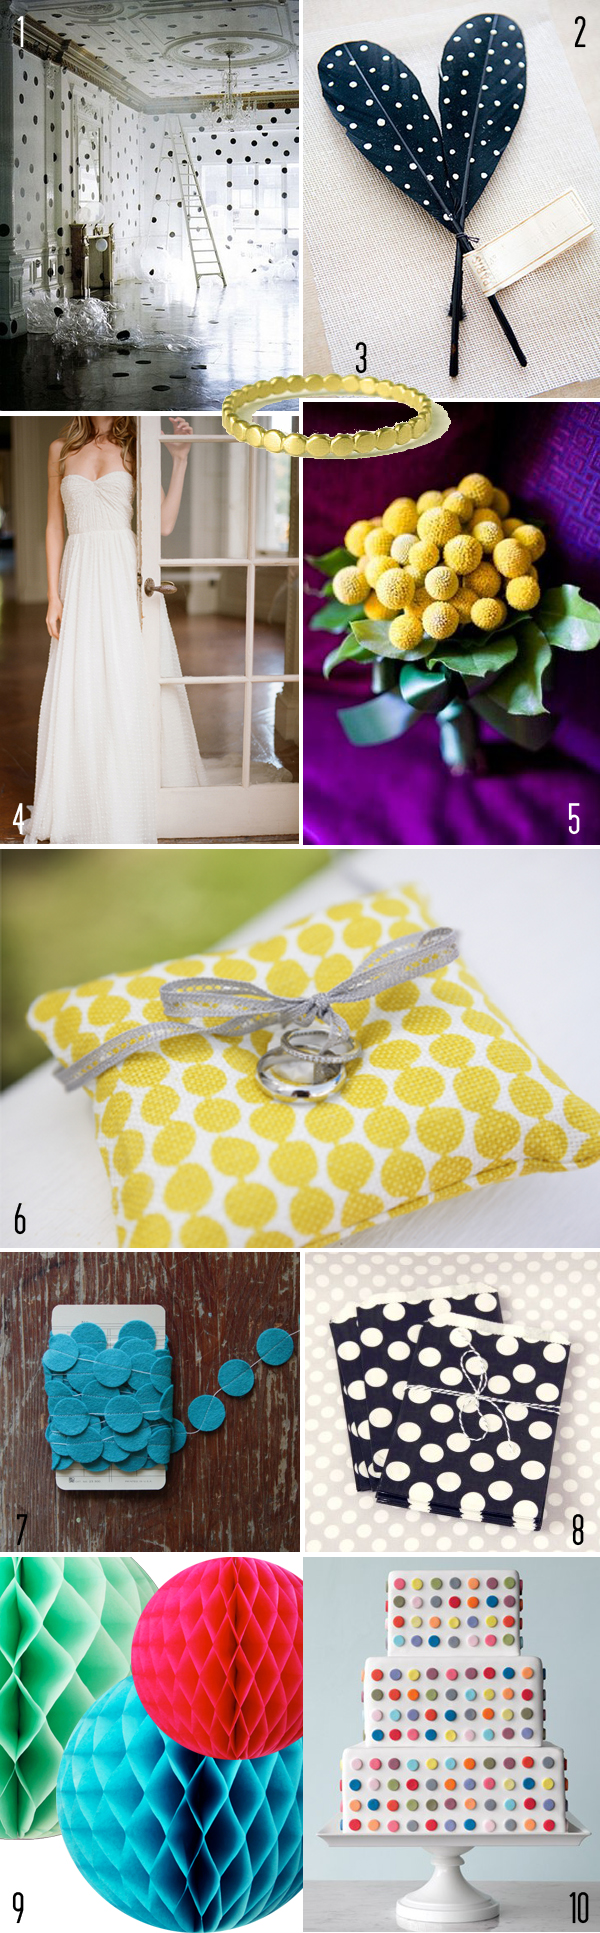 Top 10: Polka-dot details 1